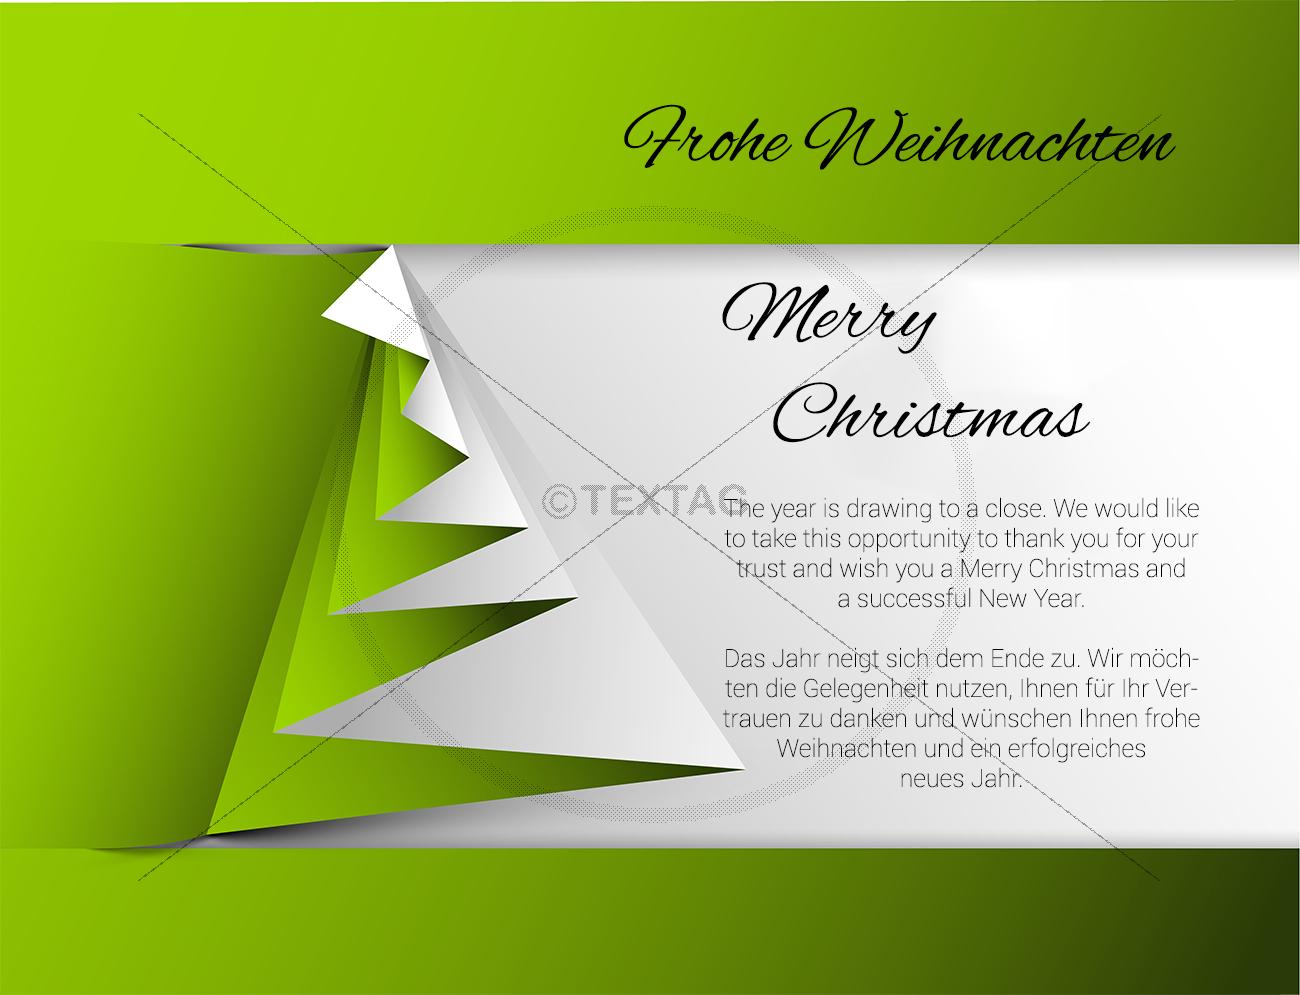 Geschaftliche Weihnachts Ecard Mit Spruch Deutsch Englisch